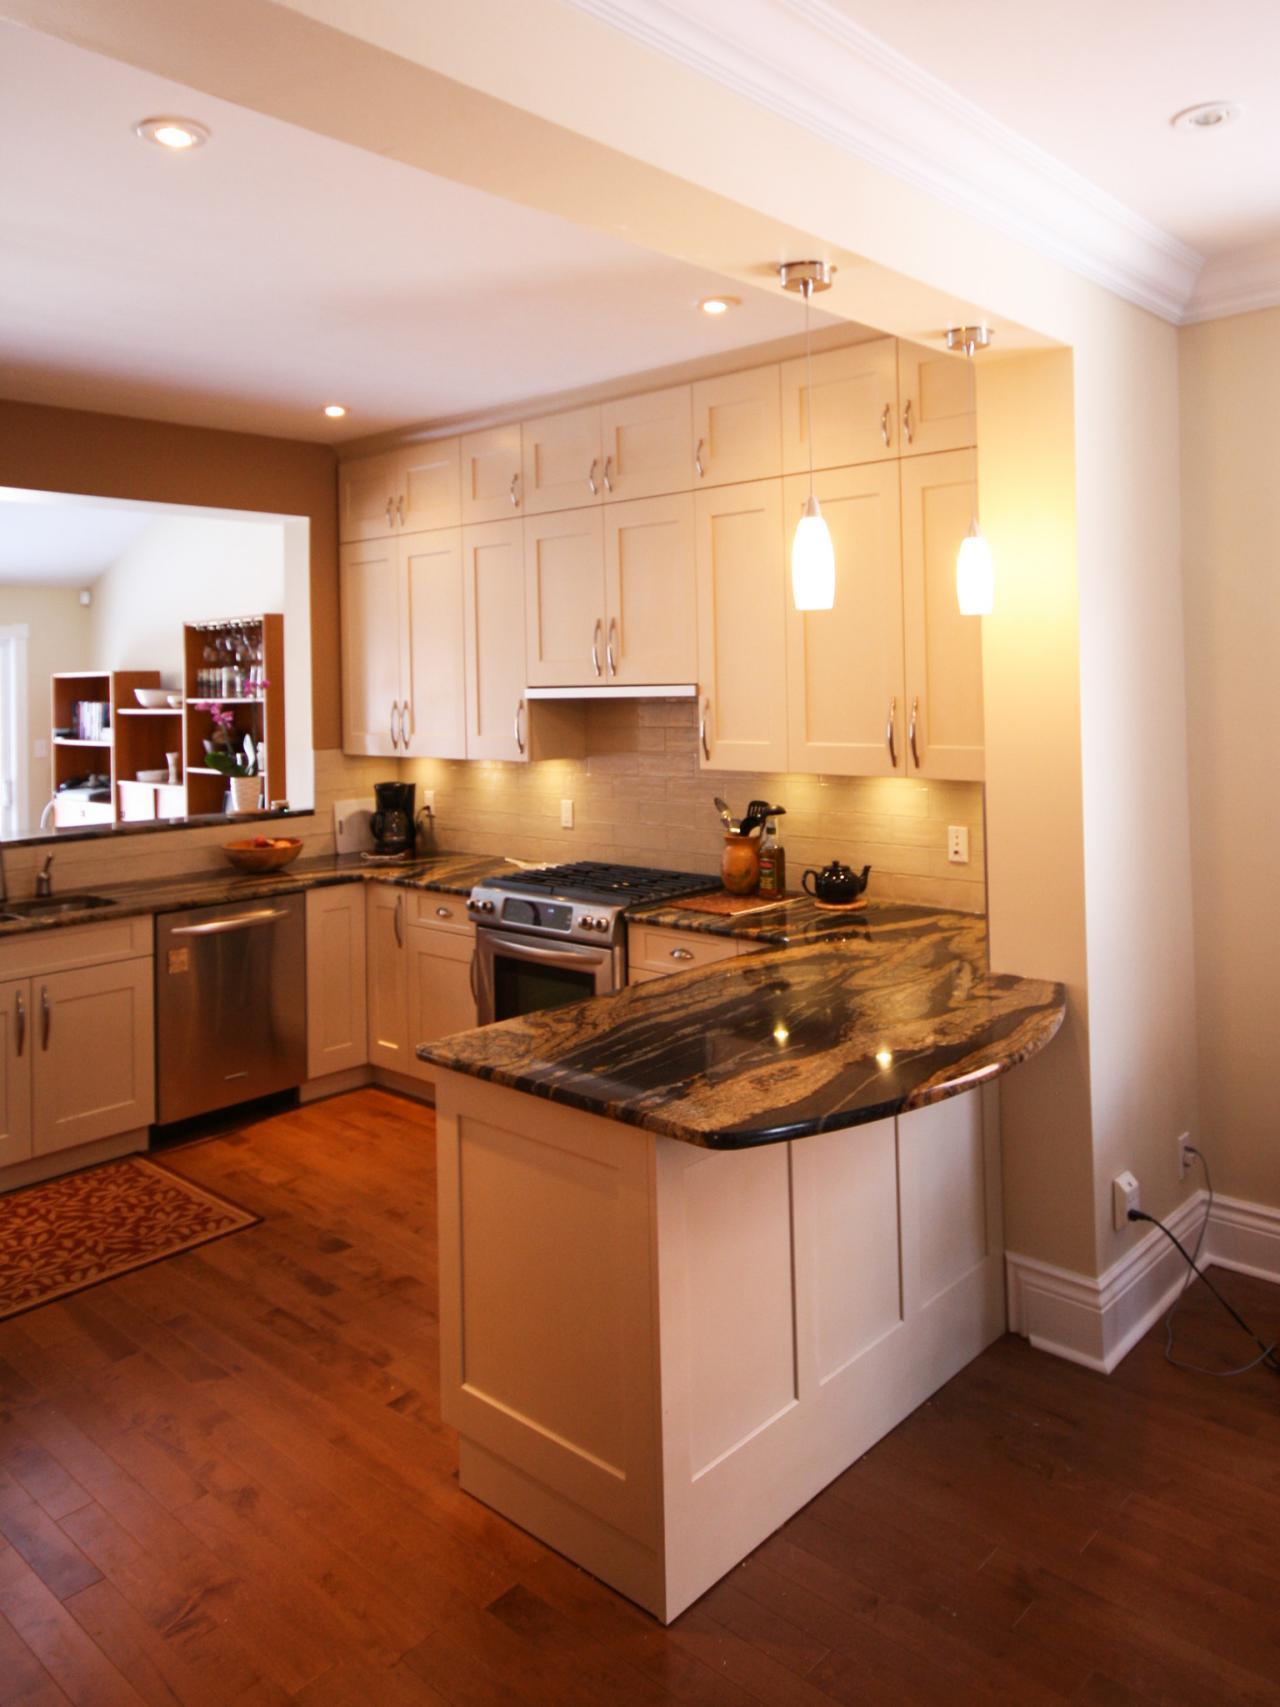 u shaped kitchen ideas photo - 6